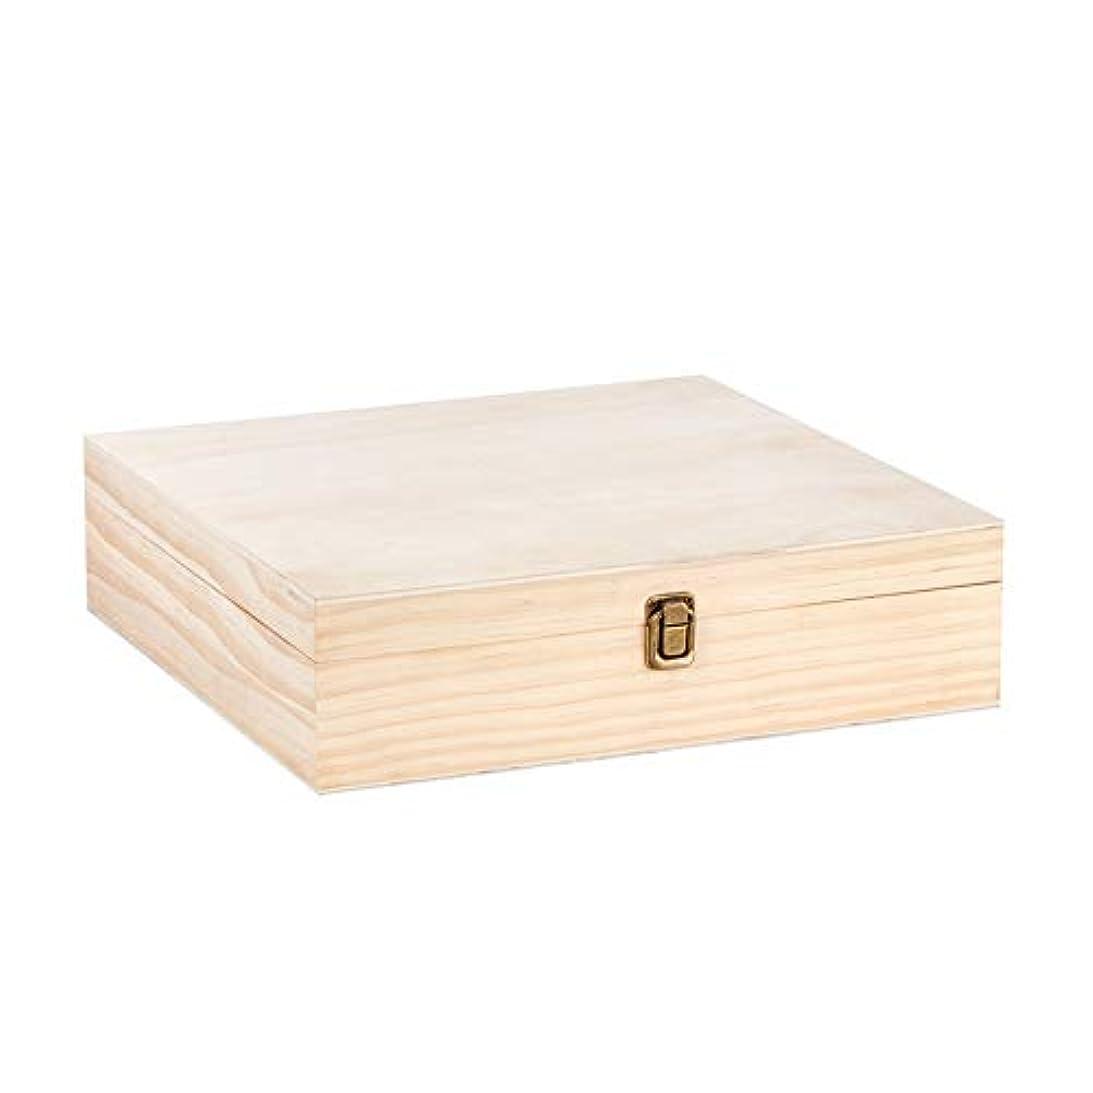 崖広まったベアリングエッセンシャルオイル収納ボックス 10mlのローラーボトル5〜15ミリリットルエッセンシャルオイル&12スロットの87ボトル木製エッセンシャルオイルストレージボックス75スロット (色 : Natural, サイズ :...